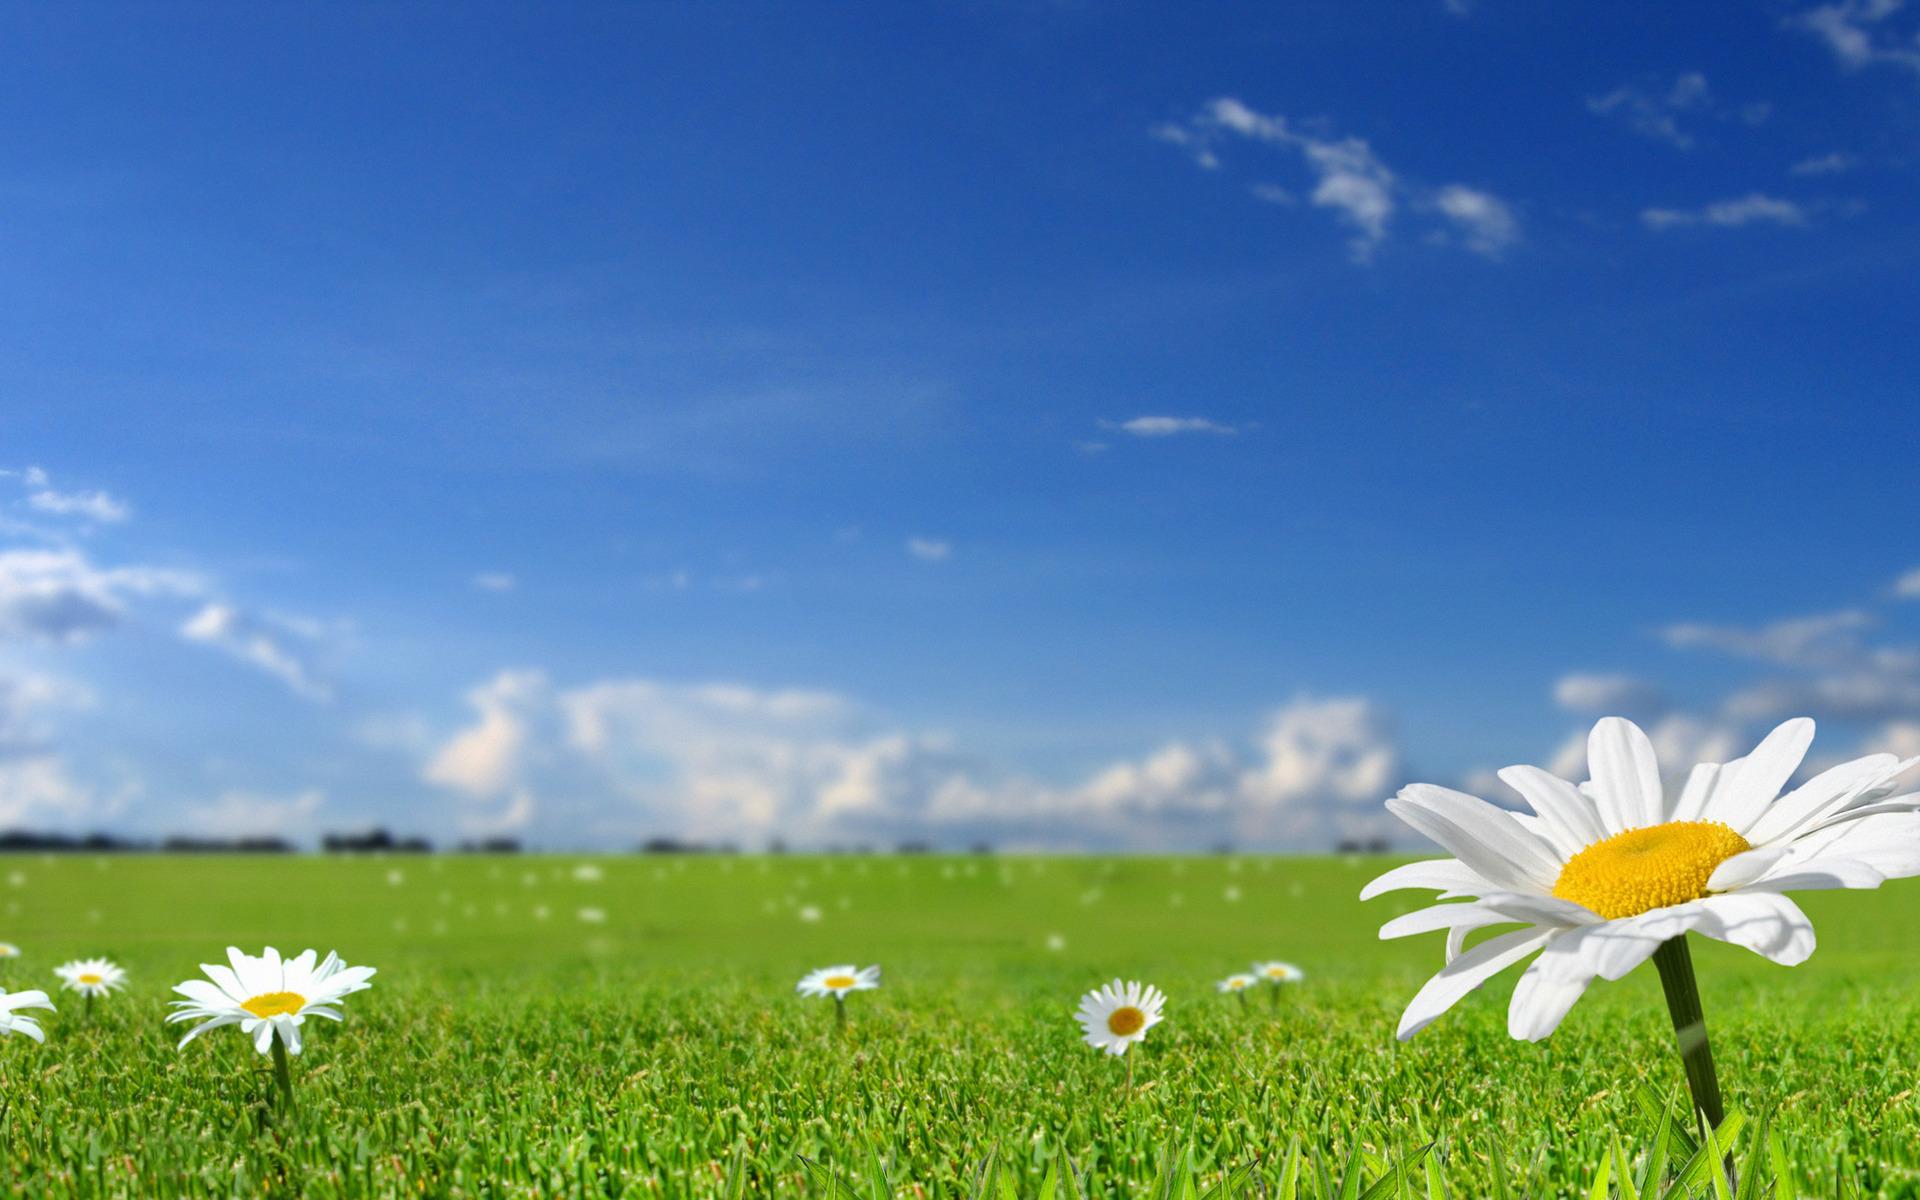 Красивые картинки природы и цветов на рабочий стол, картинки